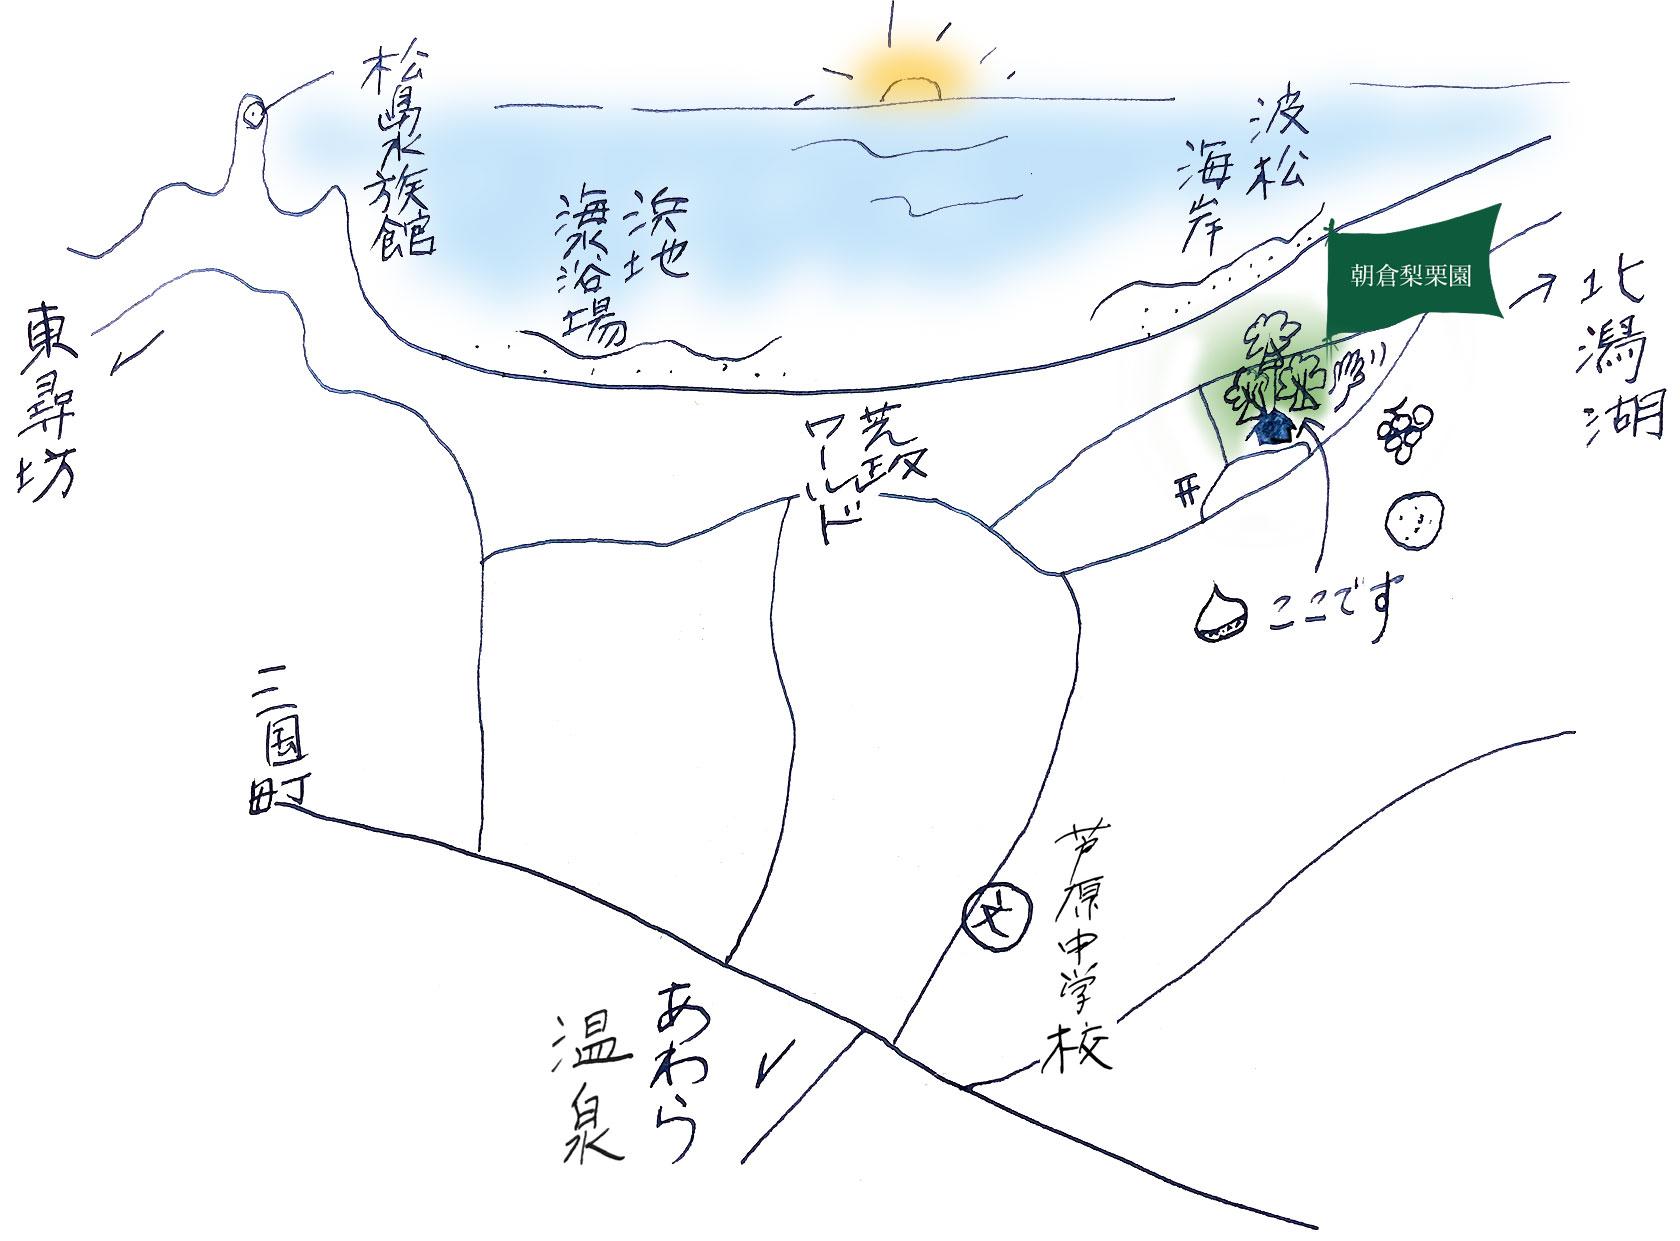 地図 | 朝倉梨栗園